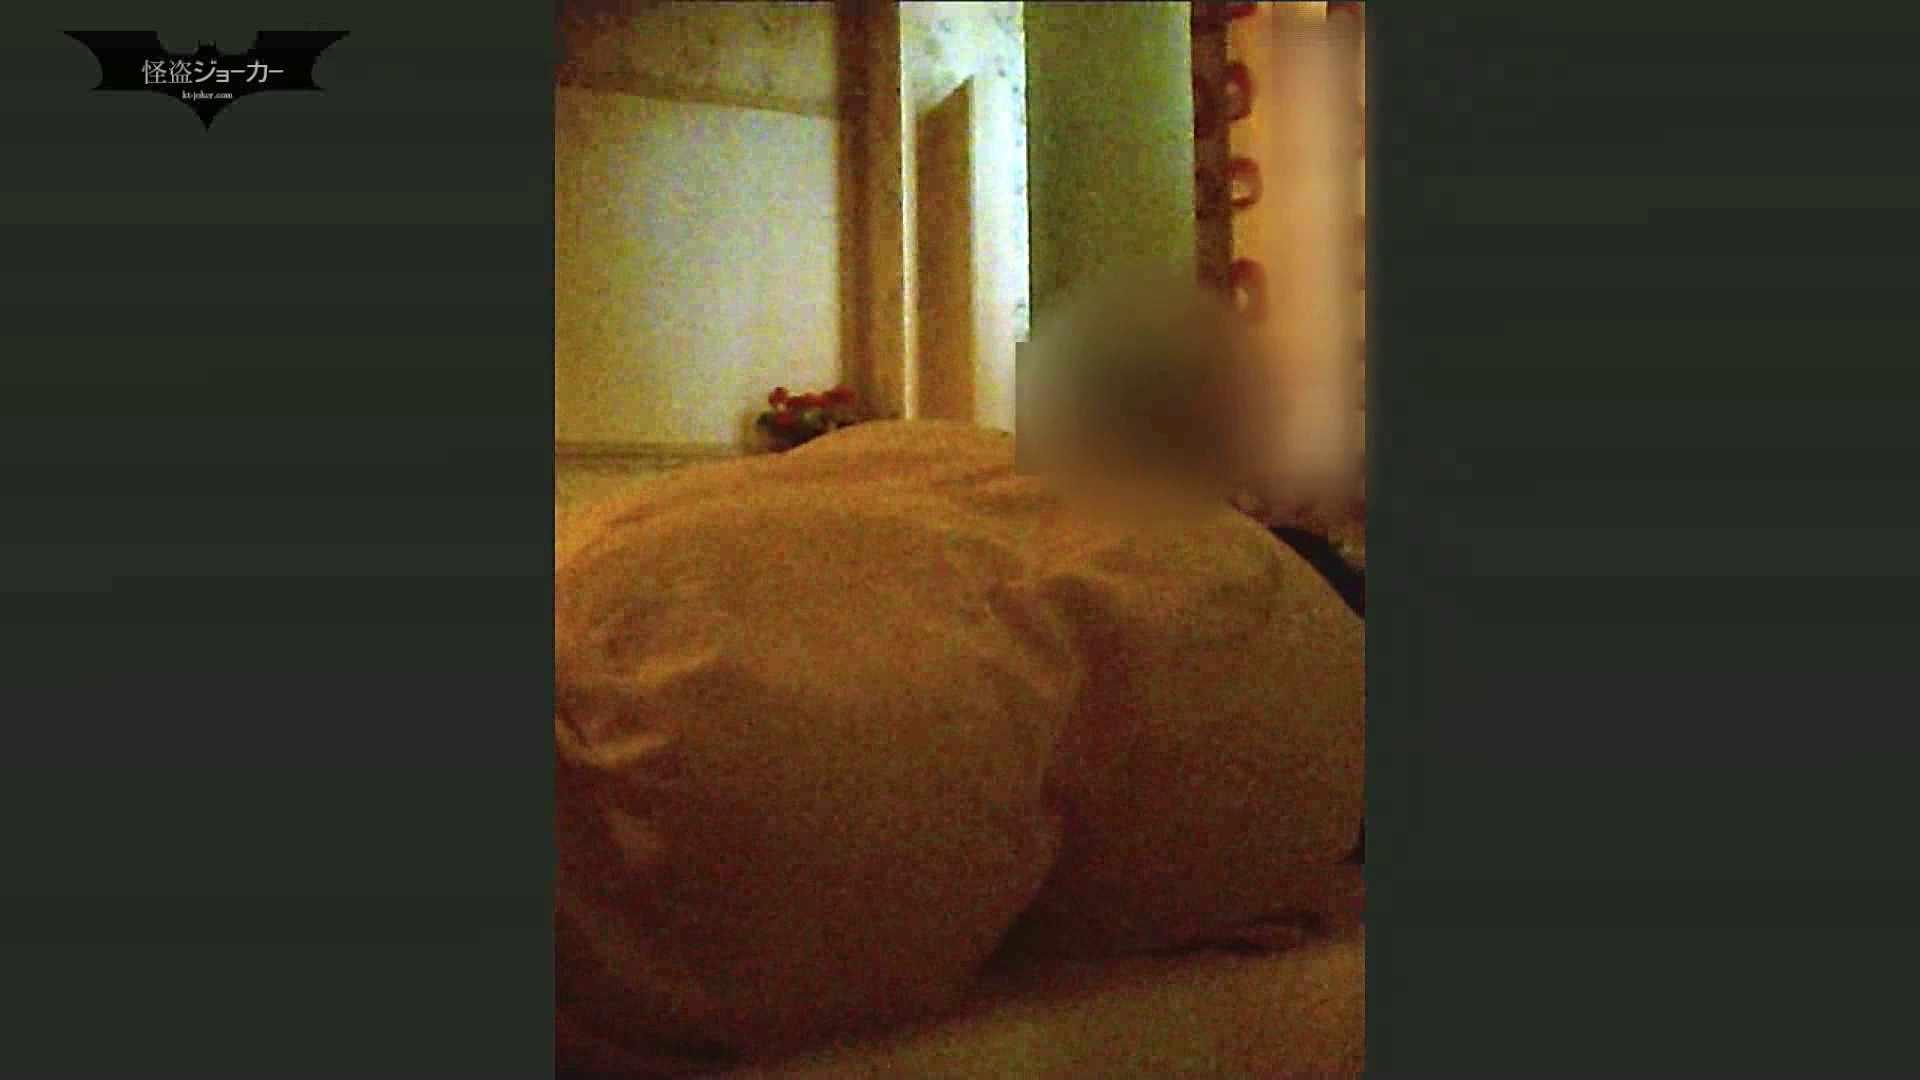 (注)の せっくす  秘密厳守(シリーズ 7人目) Vol.46 桃色乳首 ヌード画像 79枚 30